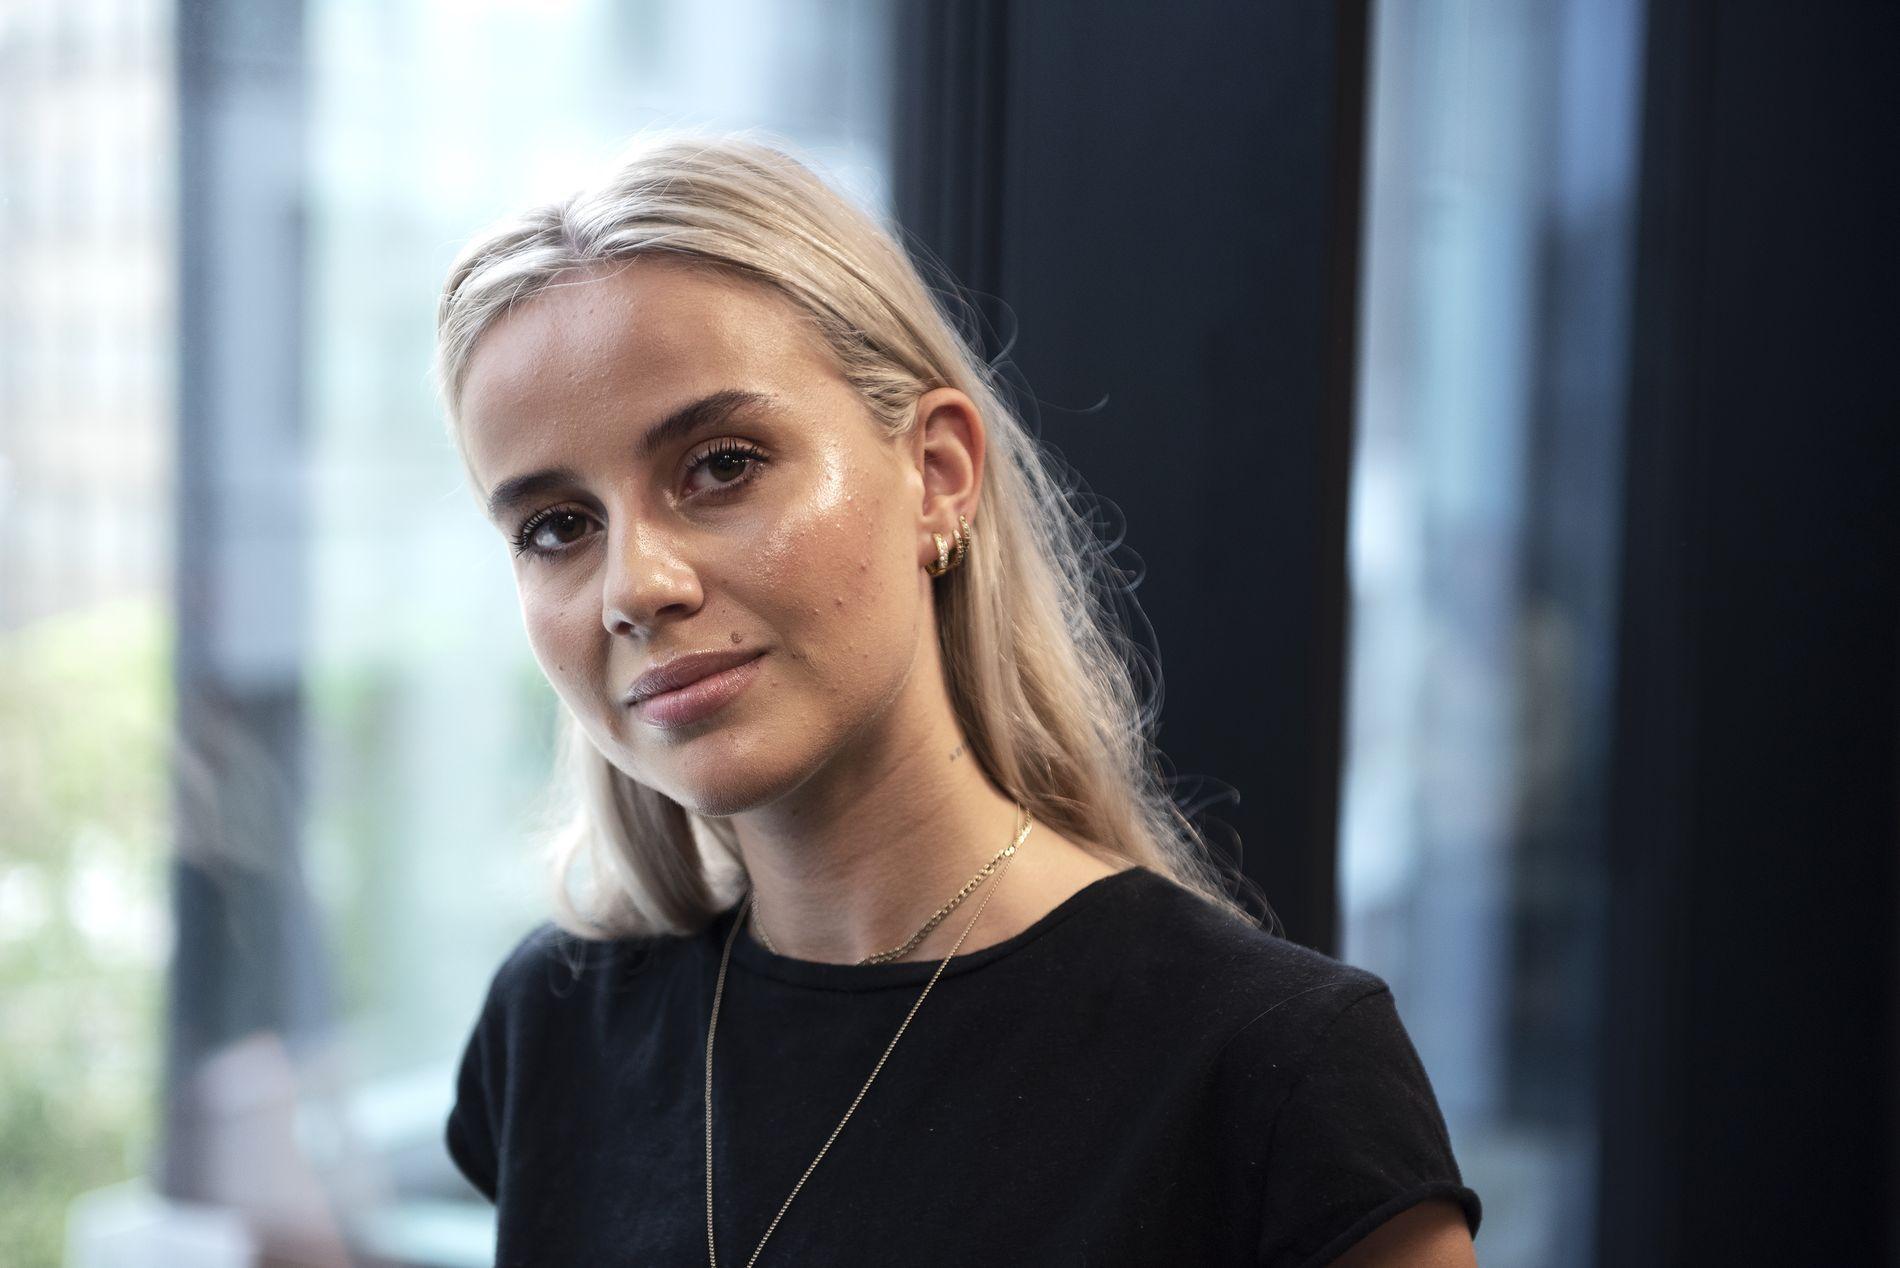 KONTROVERSIELL: Anniken Jørgensen (22) bok ble sluppet i slutten av september, men har allerede rukket å skape kontrovers.